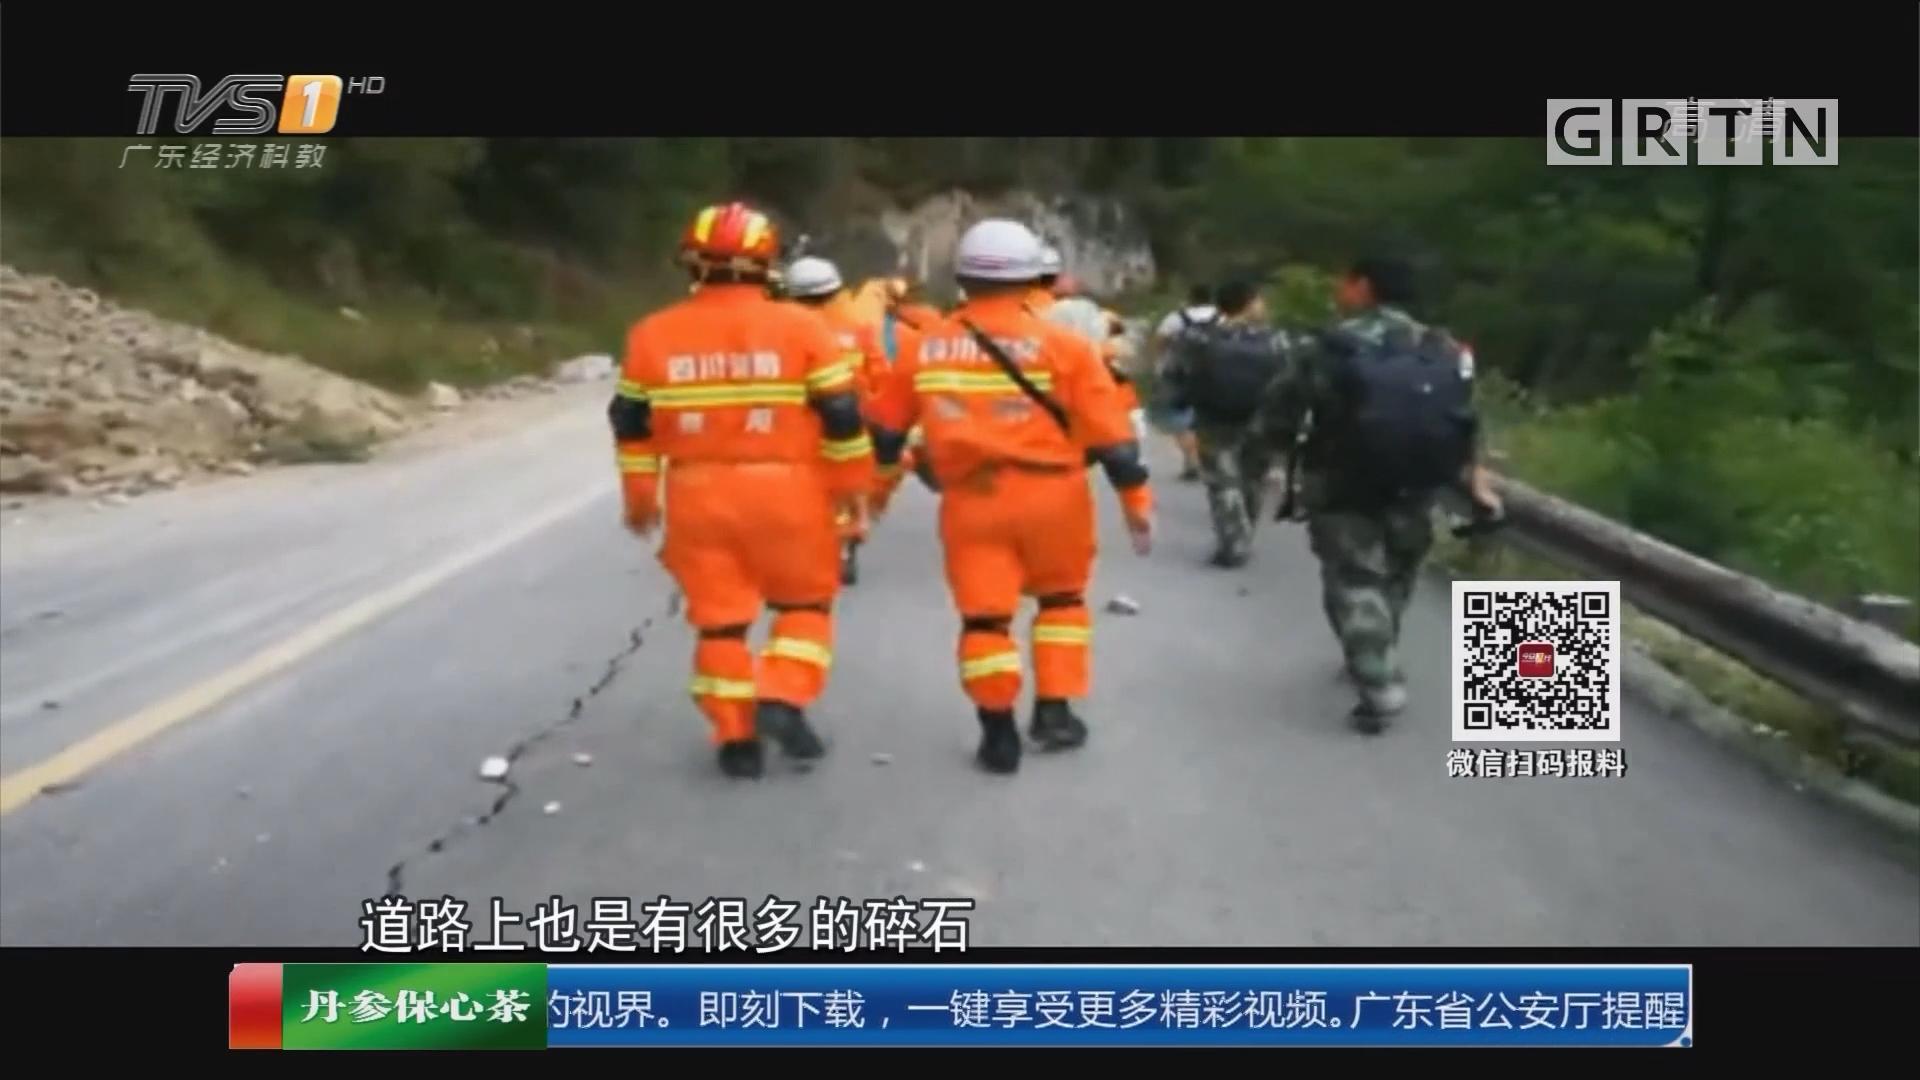 关注九寨沟地震:记者徒步深入九寨沟 道路受损严重